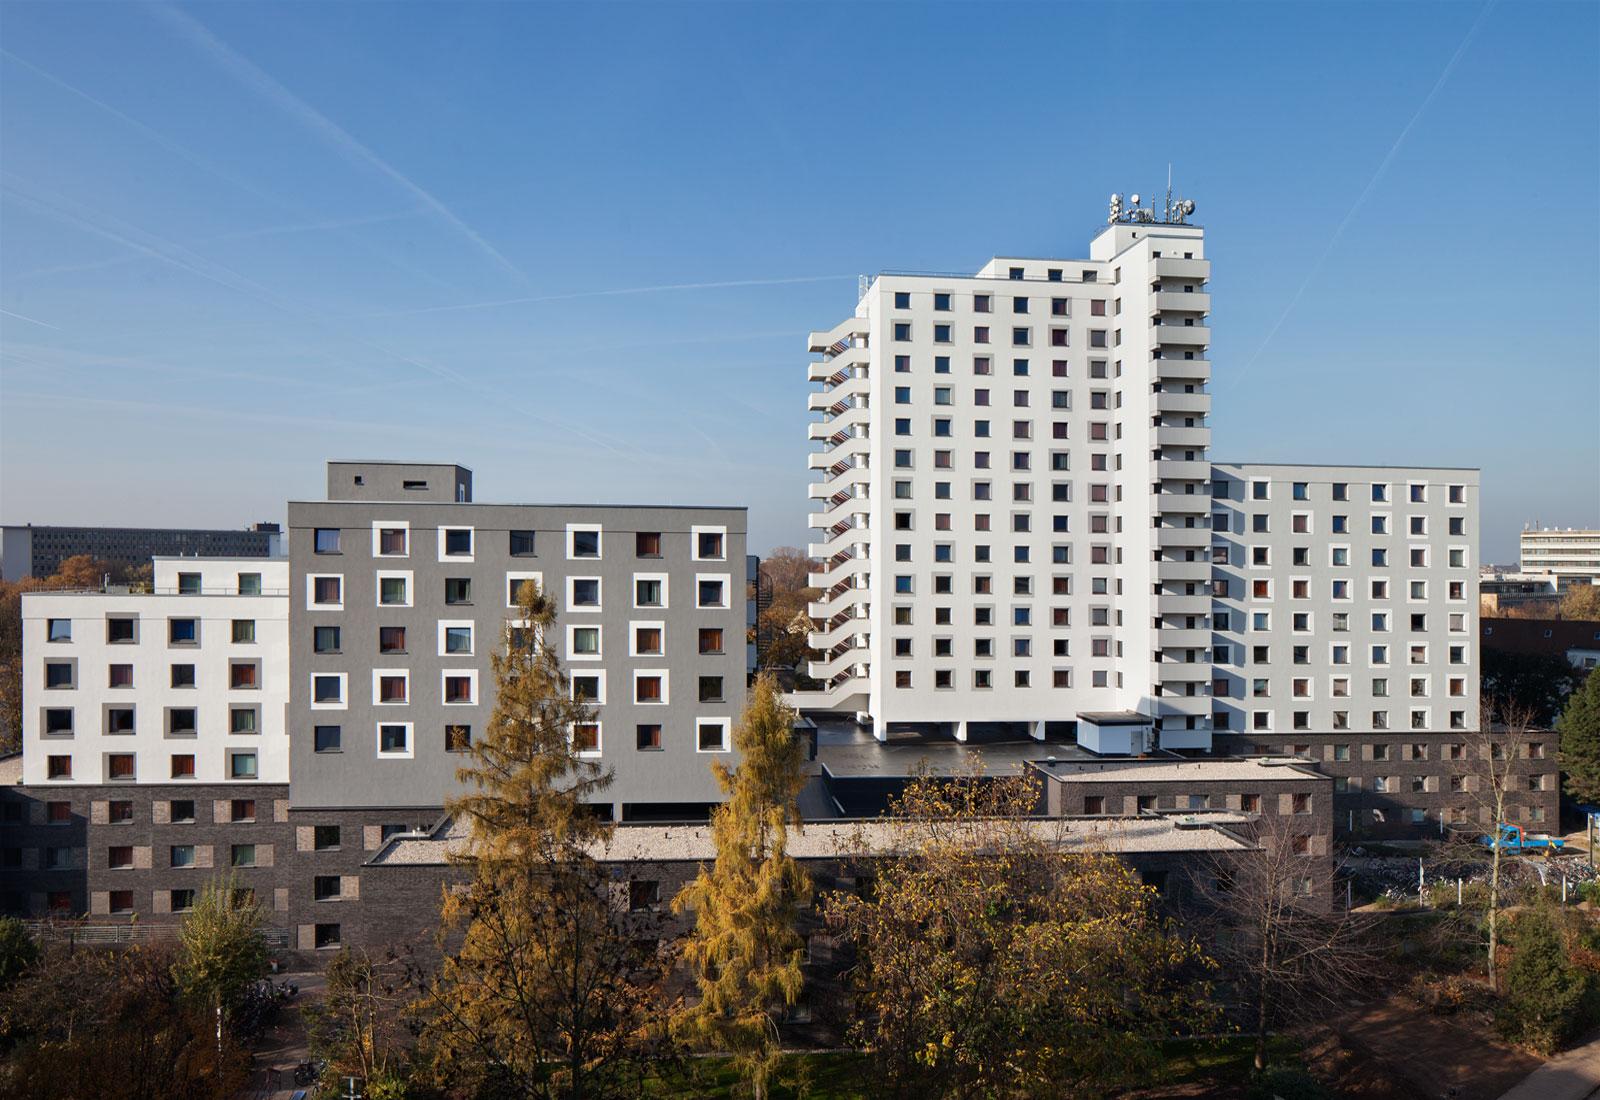 Studierendenwohnheim Römerlager